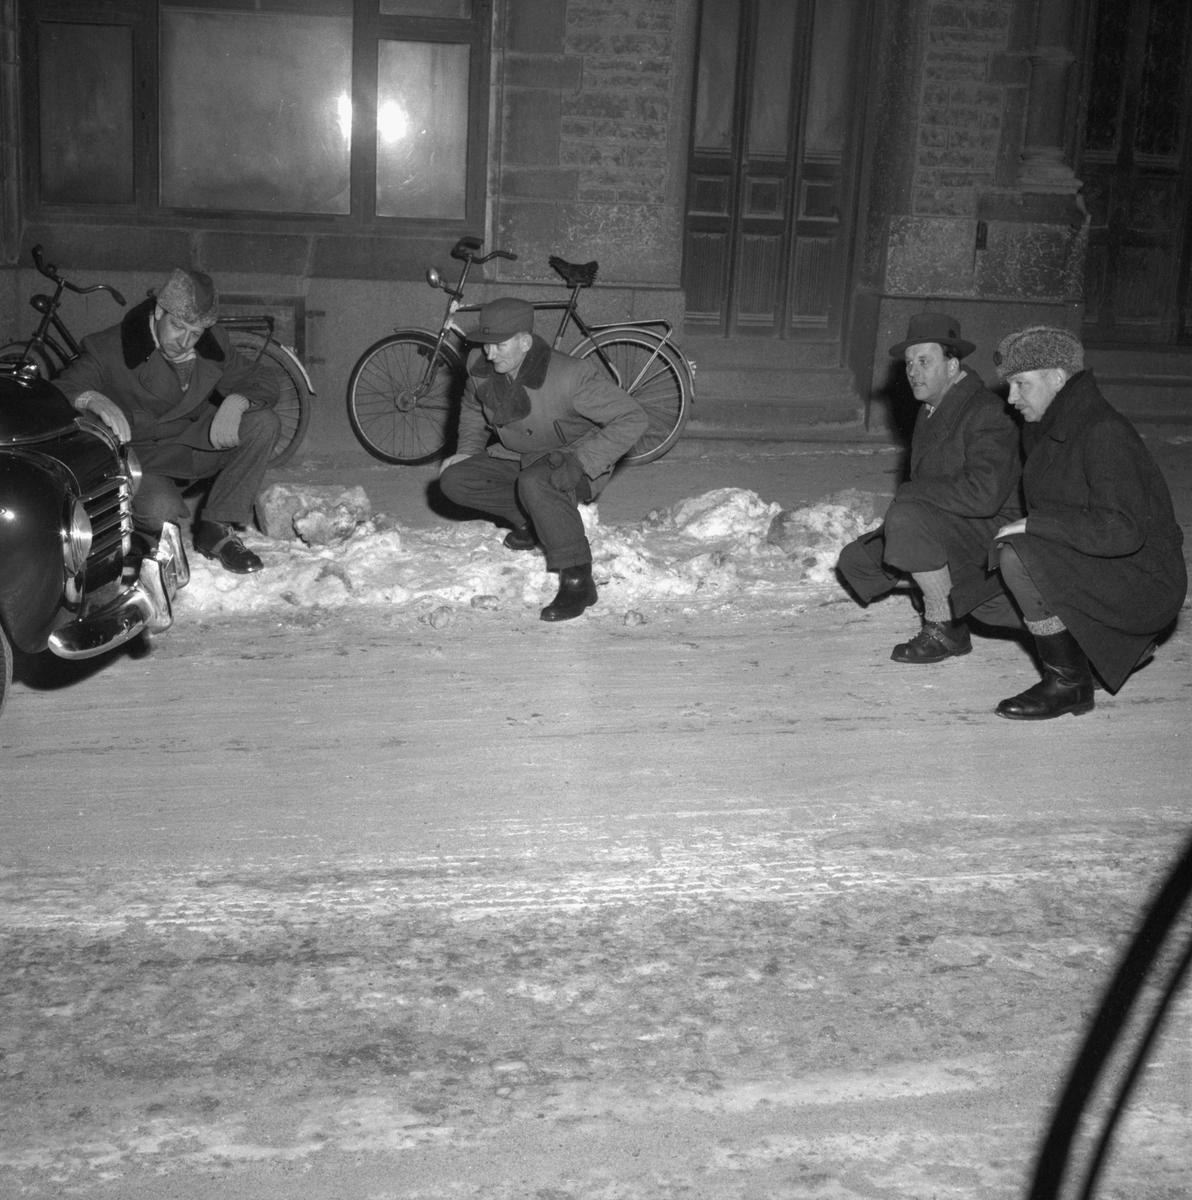 Trafikkontroll. 24 januari 1956.